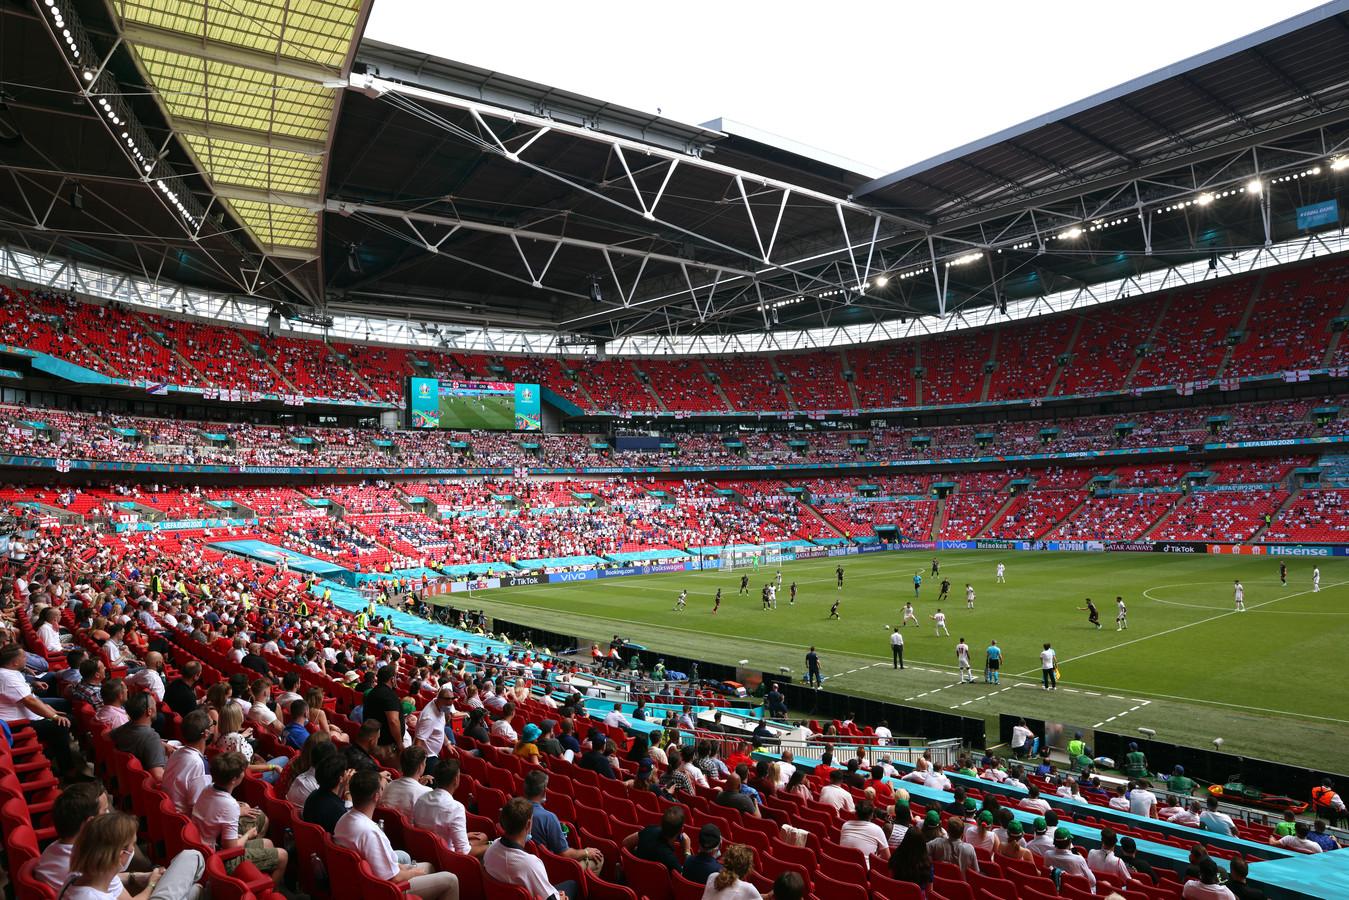 Wembley.